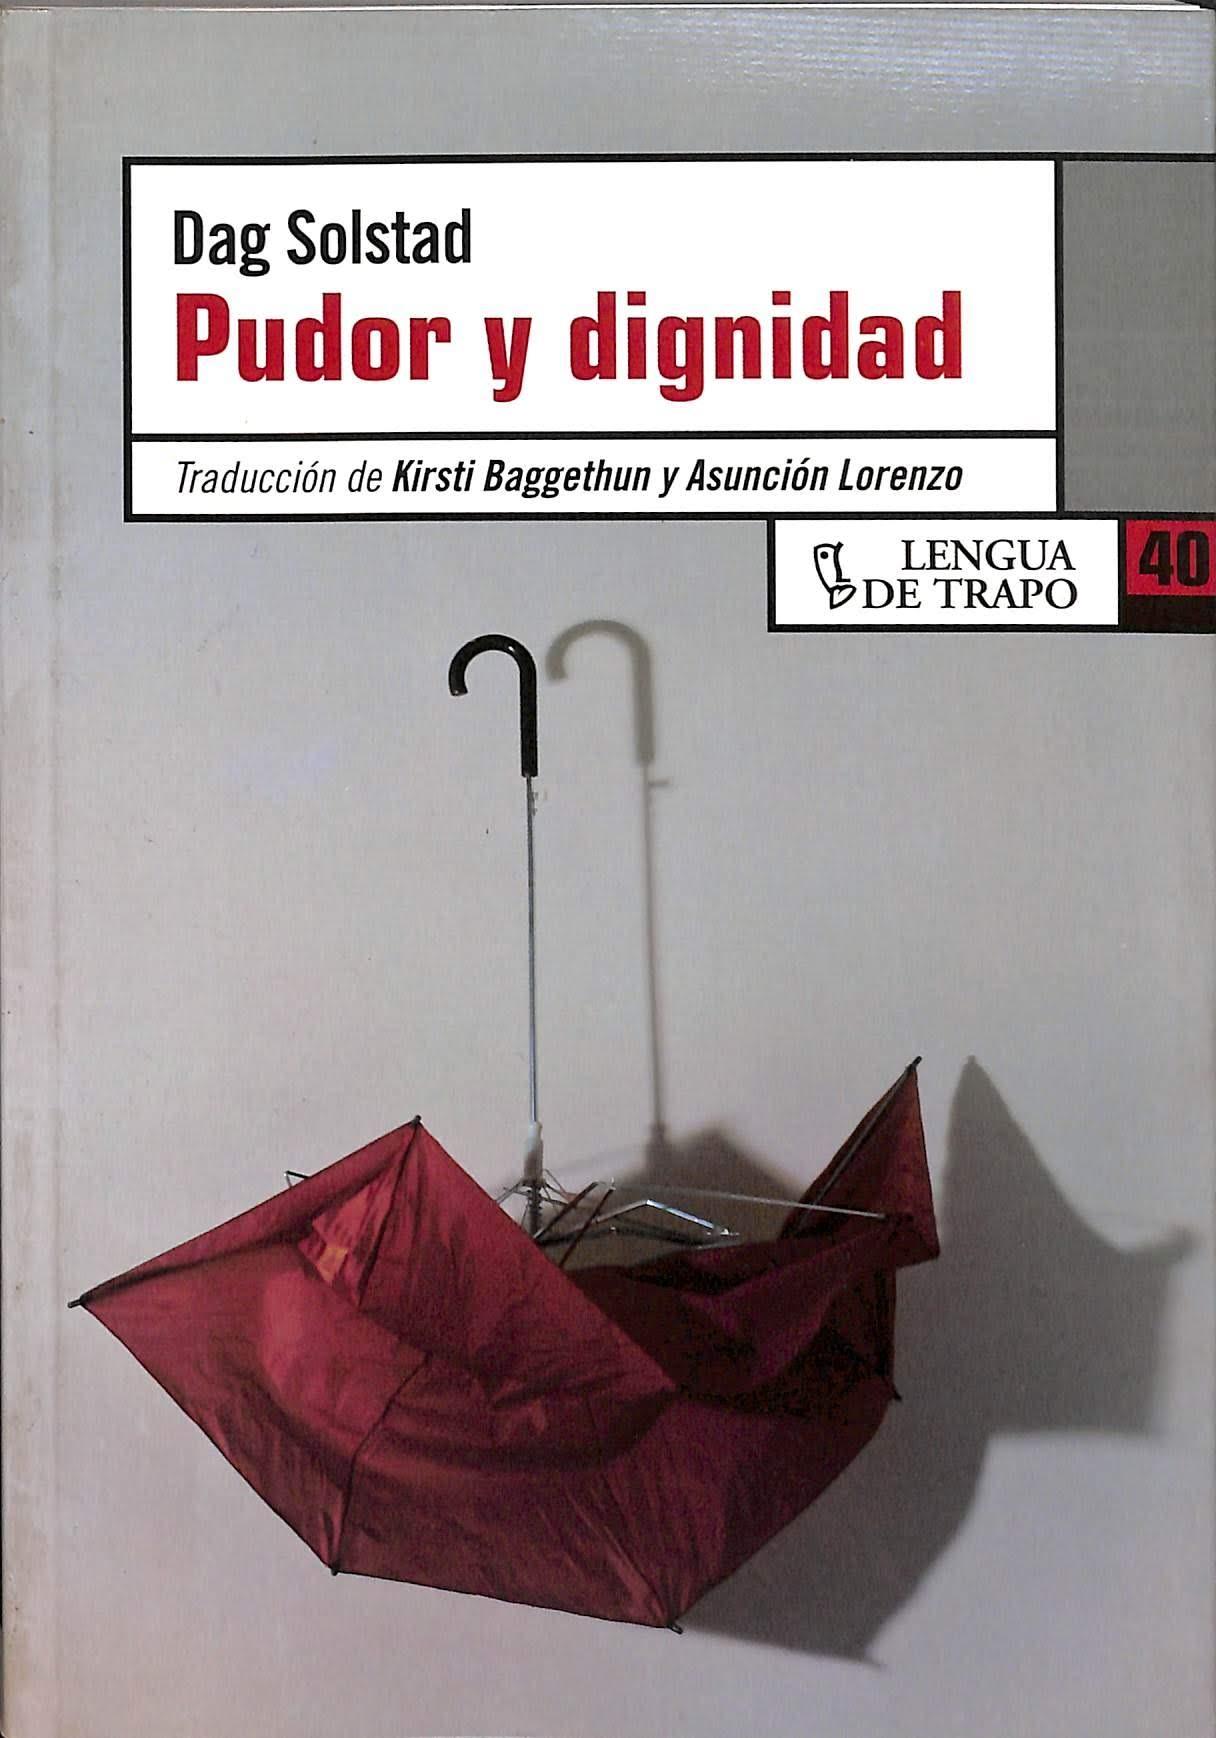 PUDOR Y DIGNIDAD. - DAG SOLSTAD